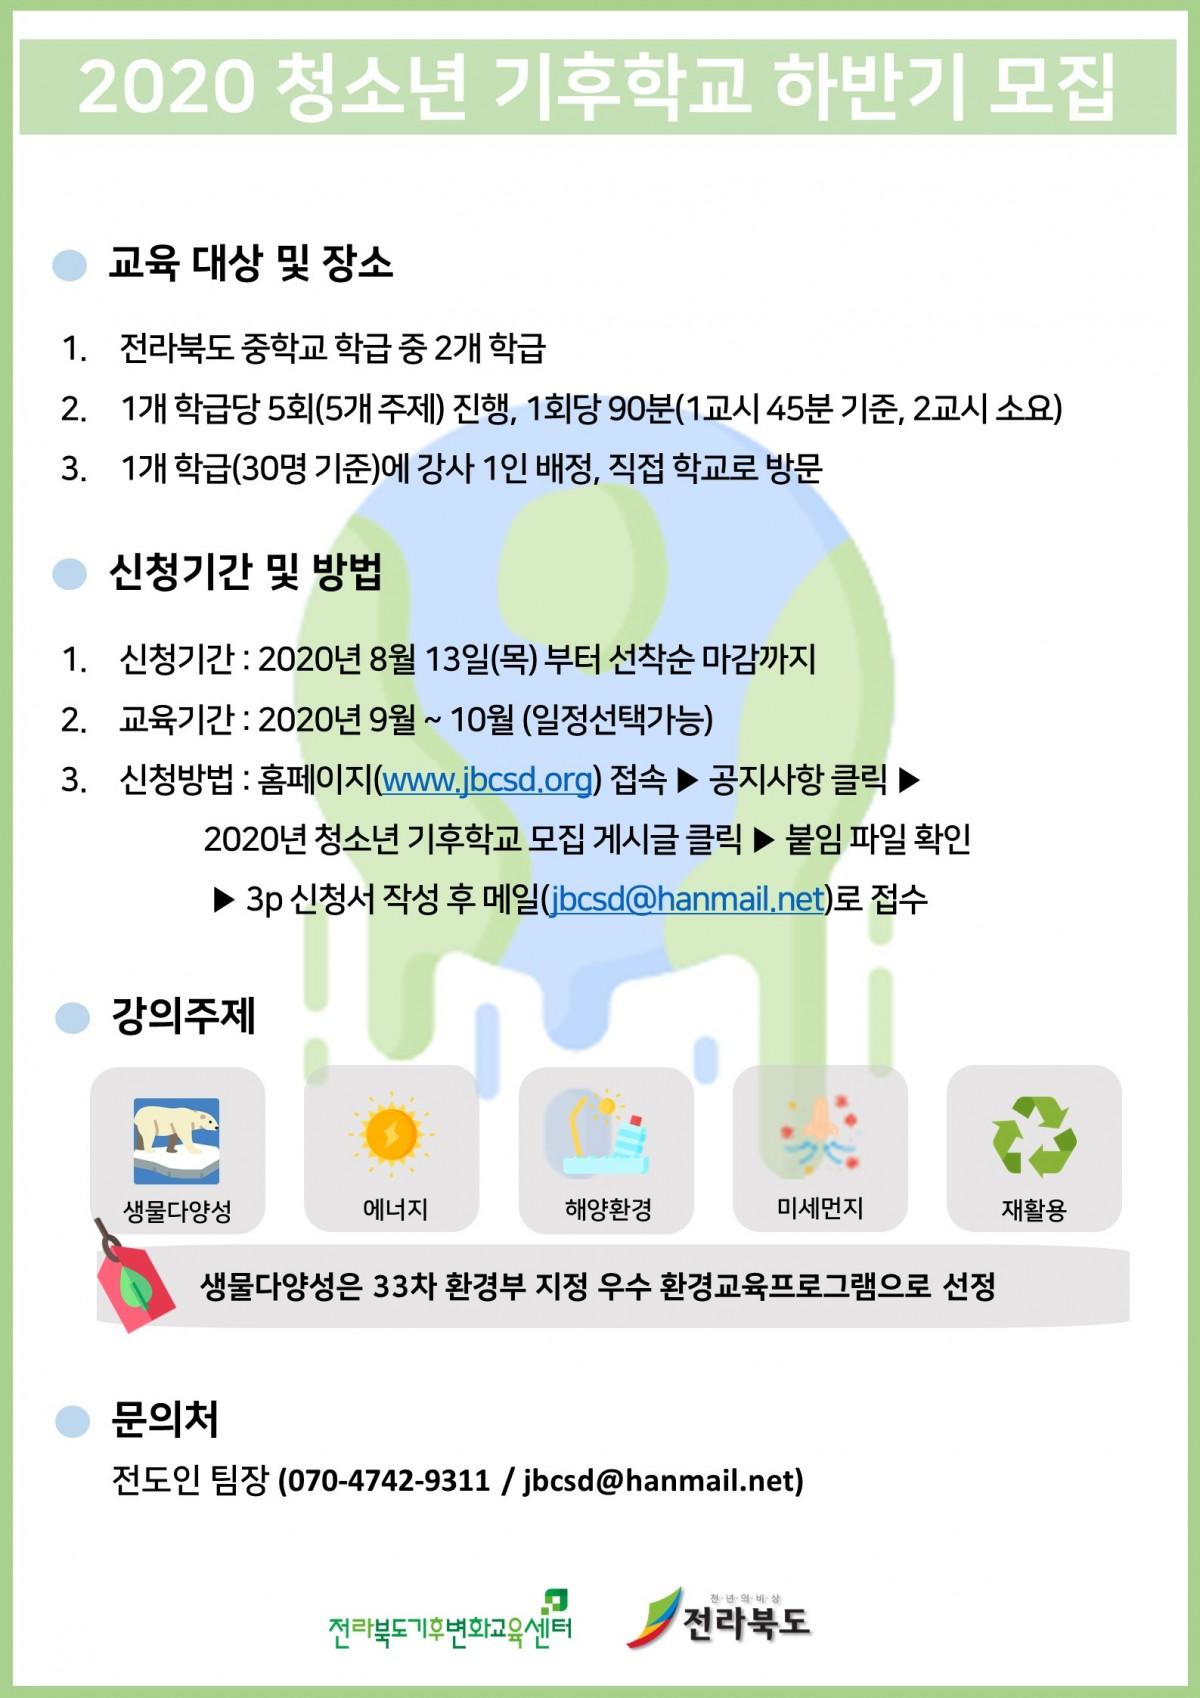 2020 청소년기후학교 포스터(하반기).jpg